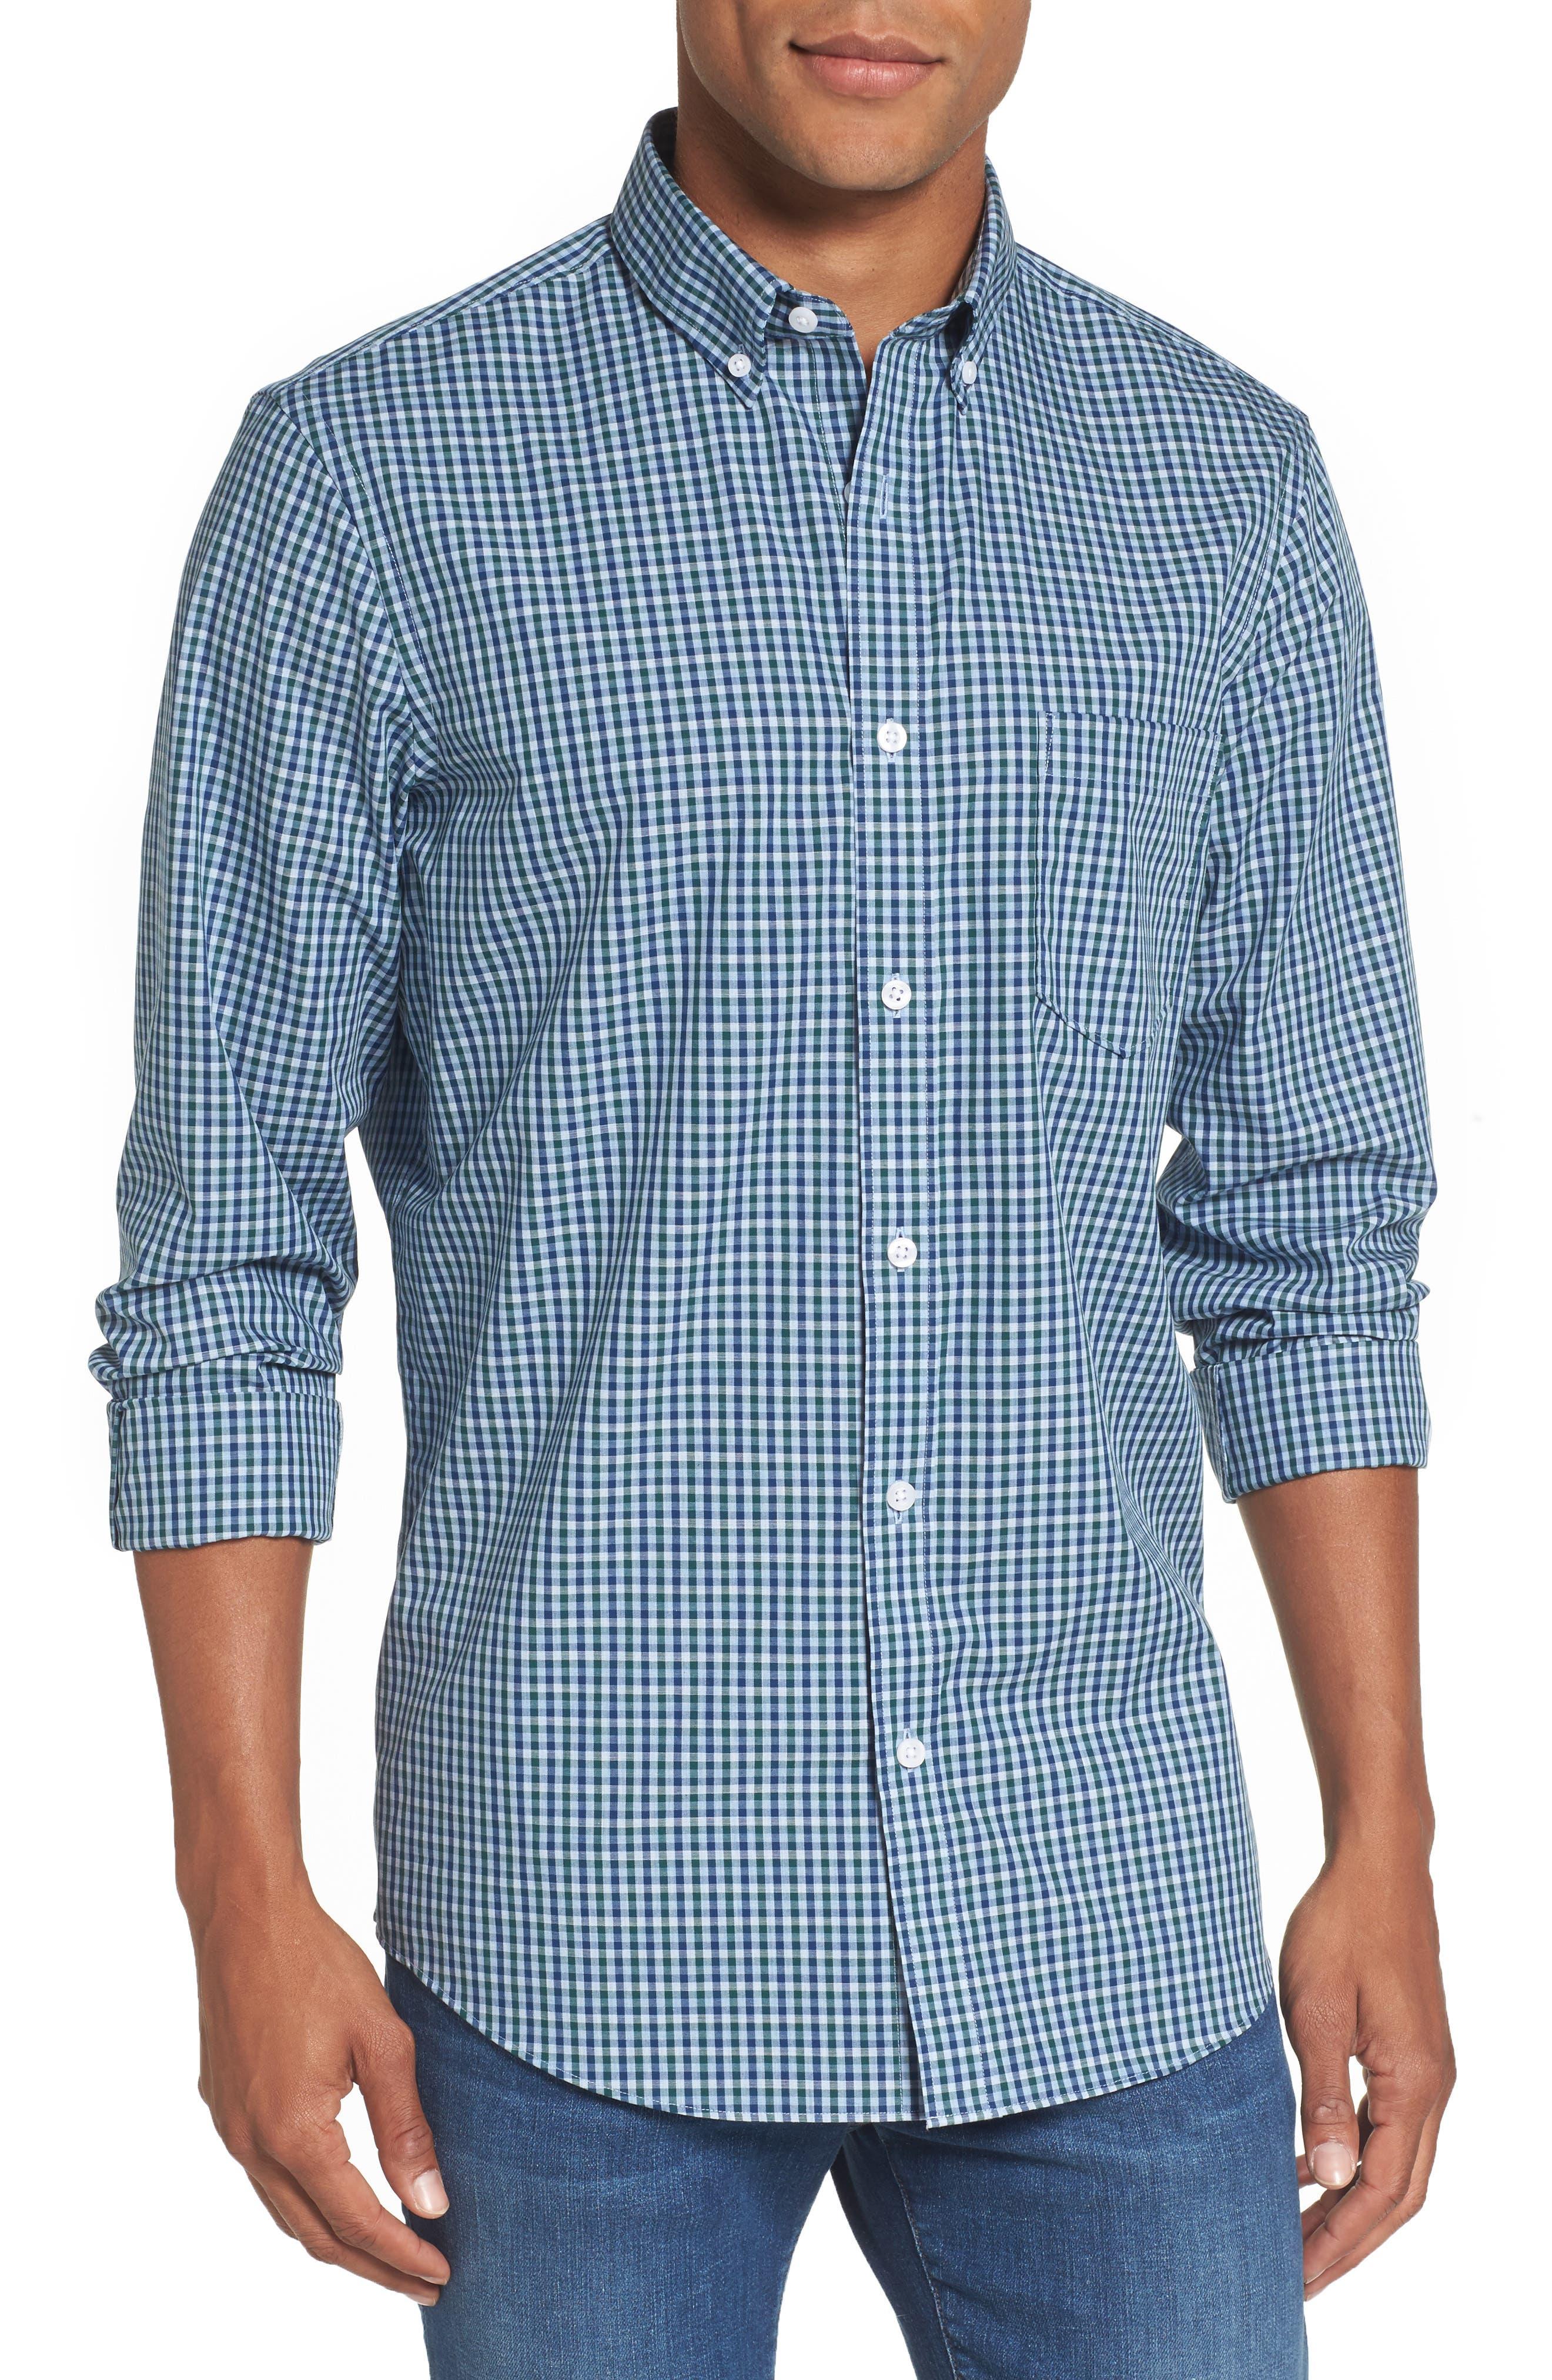 Nordstrom Men's Shop Non-Iron Check Sport Shirt